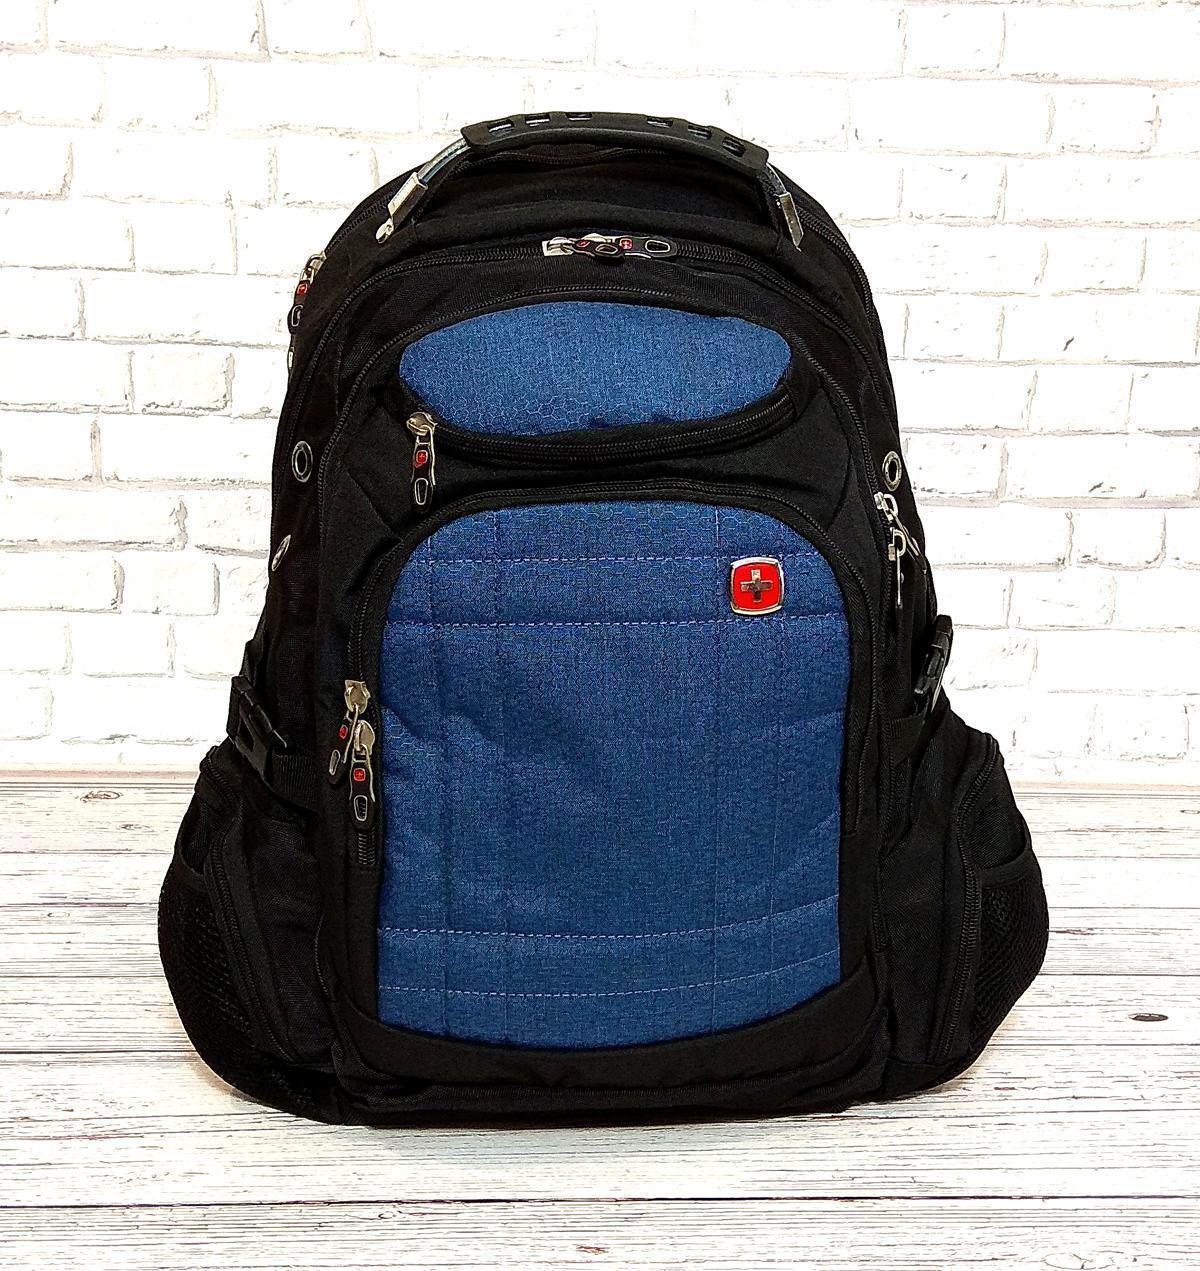 Вместительный рюкзак SwissGear Wenger, свисгир. Черный с синим. + Дождевик. 35L / s8855 blue Vsem